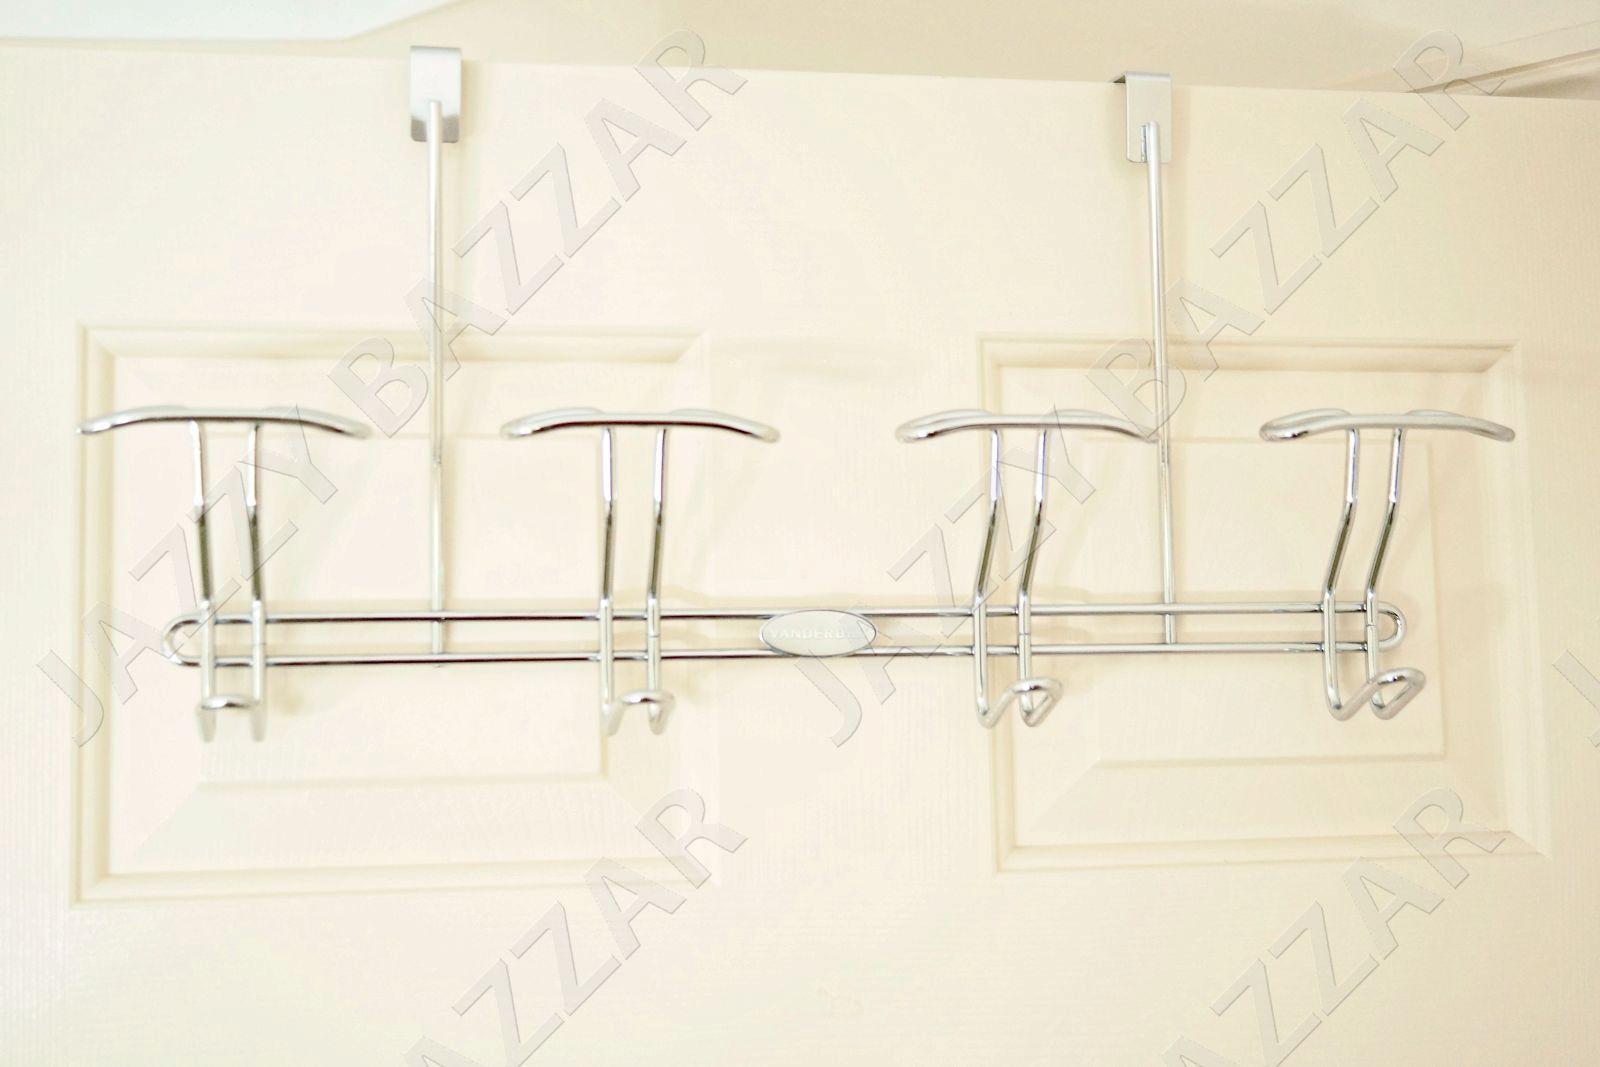 2 Over The Door Hanger 8 Hooks Cloth Garment Dress Bathroom Towel Coat Rack Set Ebay